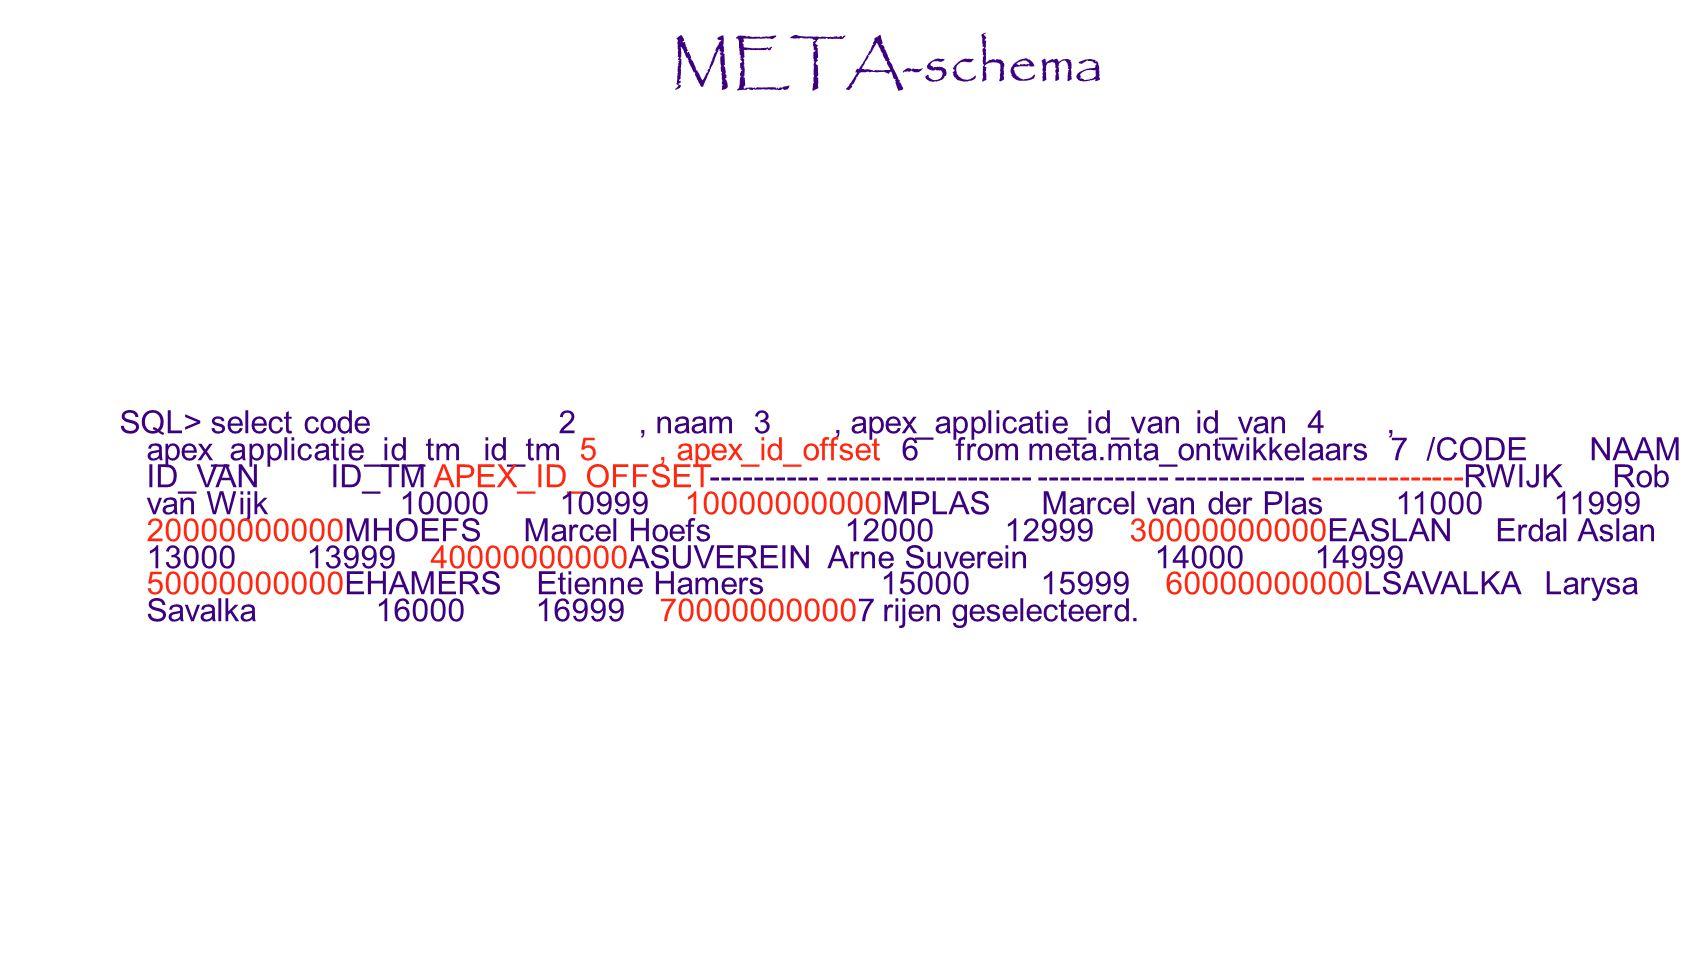 META-schema SQL> select code 2, naam 3, apex_applicatie_id_van id_van 4, apex_applicatie_id_tm id_tm 5, apex_id_offset 6 from meta.mta_ontwikkelaars 7 /CODE NAAM ID_VAN ID_TM APEX_ID_OFFSET---------- ------------------- ------------ ------------ --------------RWIJK Rob van Wijk 10000 10999 10000000000MPLAS Marcel van der Plas 11000 11999 20000000000MHOEFS Marcel Hoefs 12000 12999 30000000000EASLAN Erdal Aslan 13000 13999 40000000000ASUVEREIN Arne Suverein 14000 14999 50000000000EHAMERS Etienne Hamers 15000 15999 60000000000LSAVALKA Larysa Savalka 16000 16999 700000000007 rijen geselecteerd.